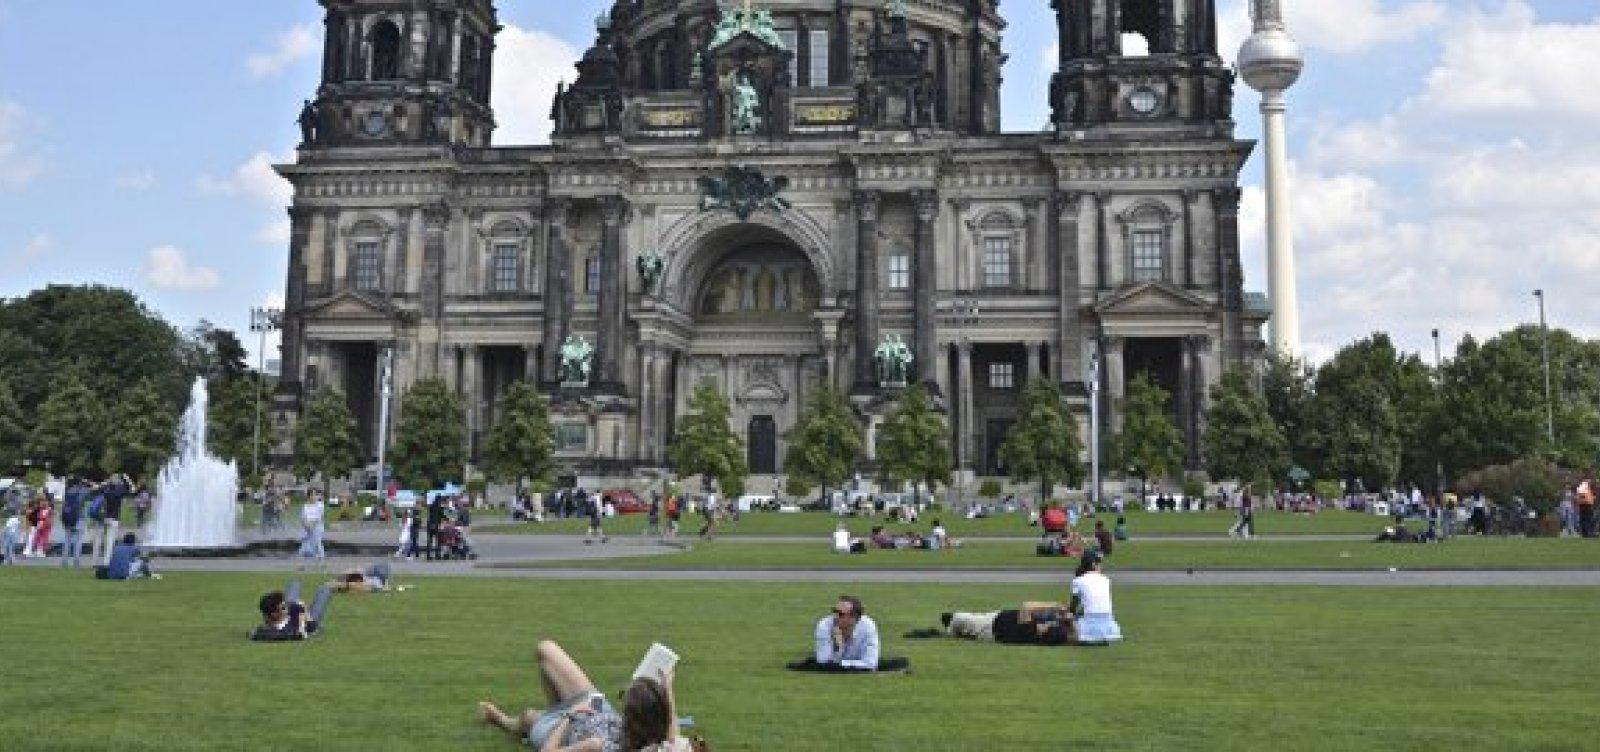 [Governo da Alemanha anuncia 160 bilhões de euros para universidades ]